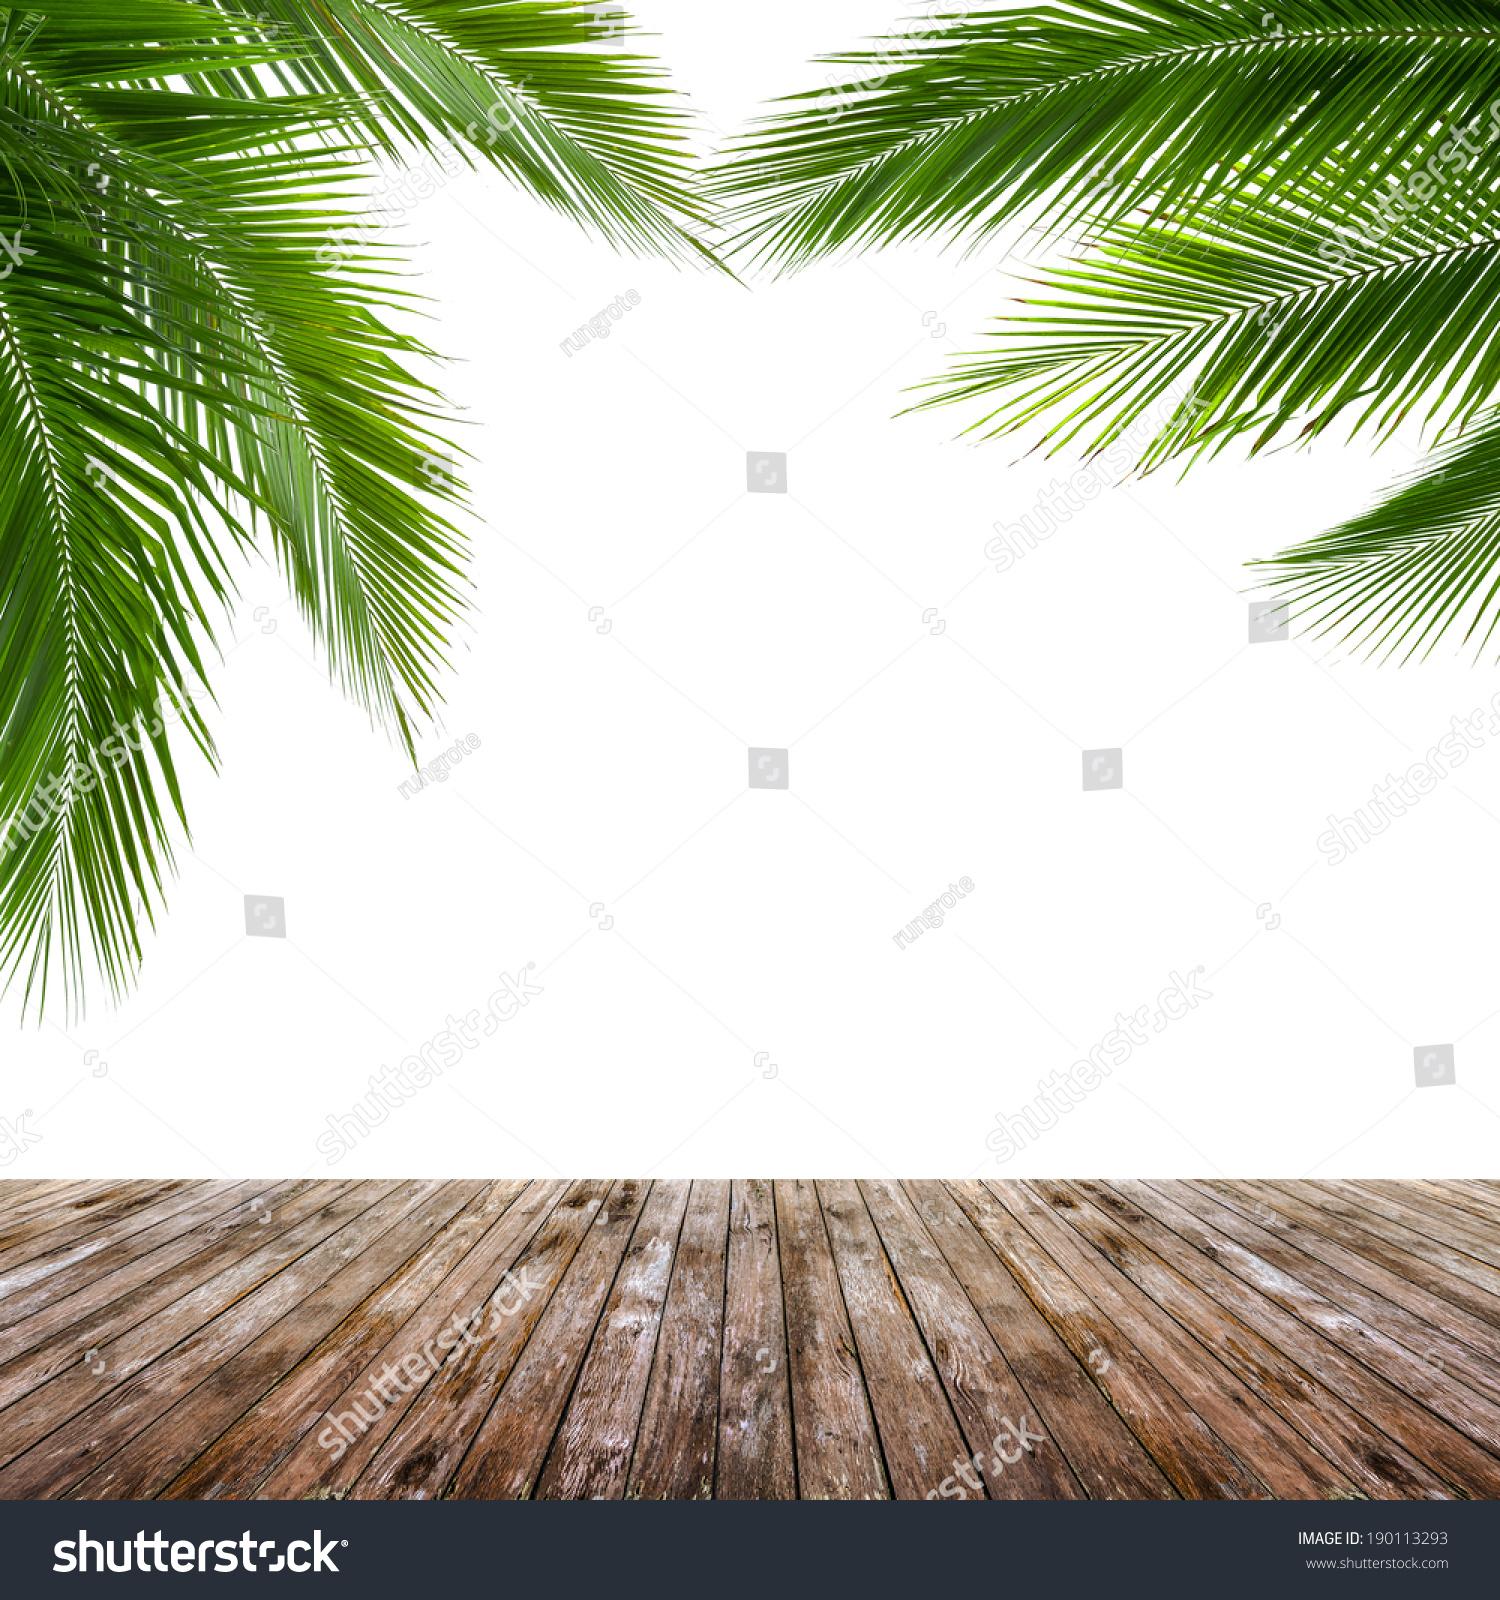 椰子树叶和木地板孤立在白色背景